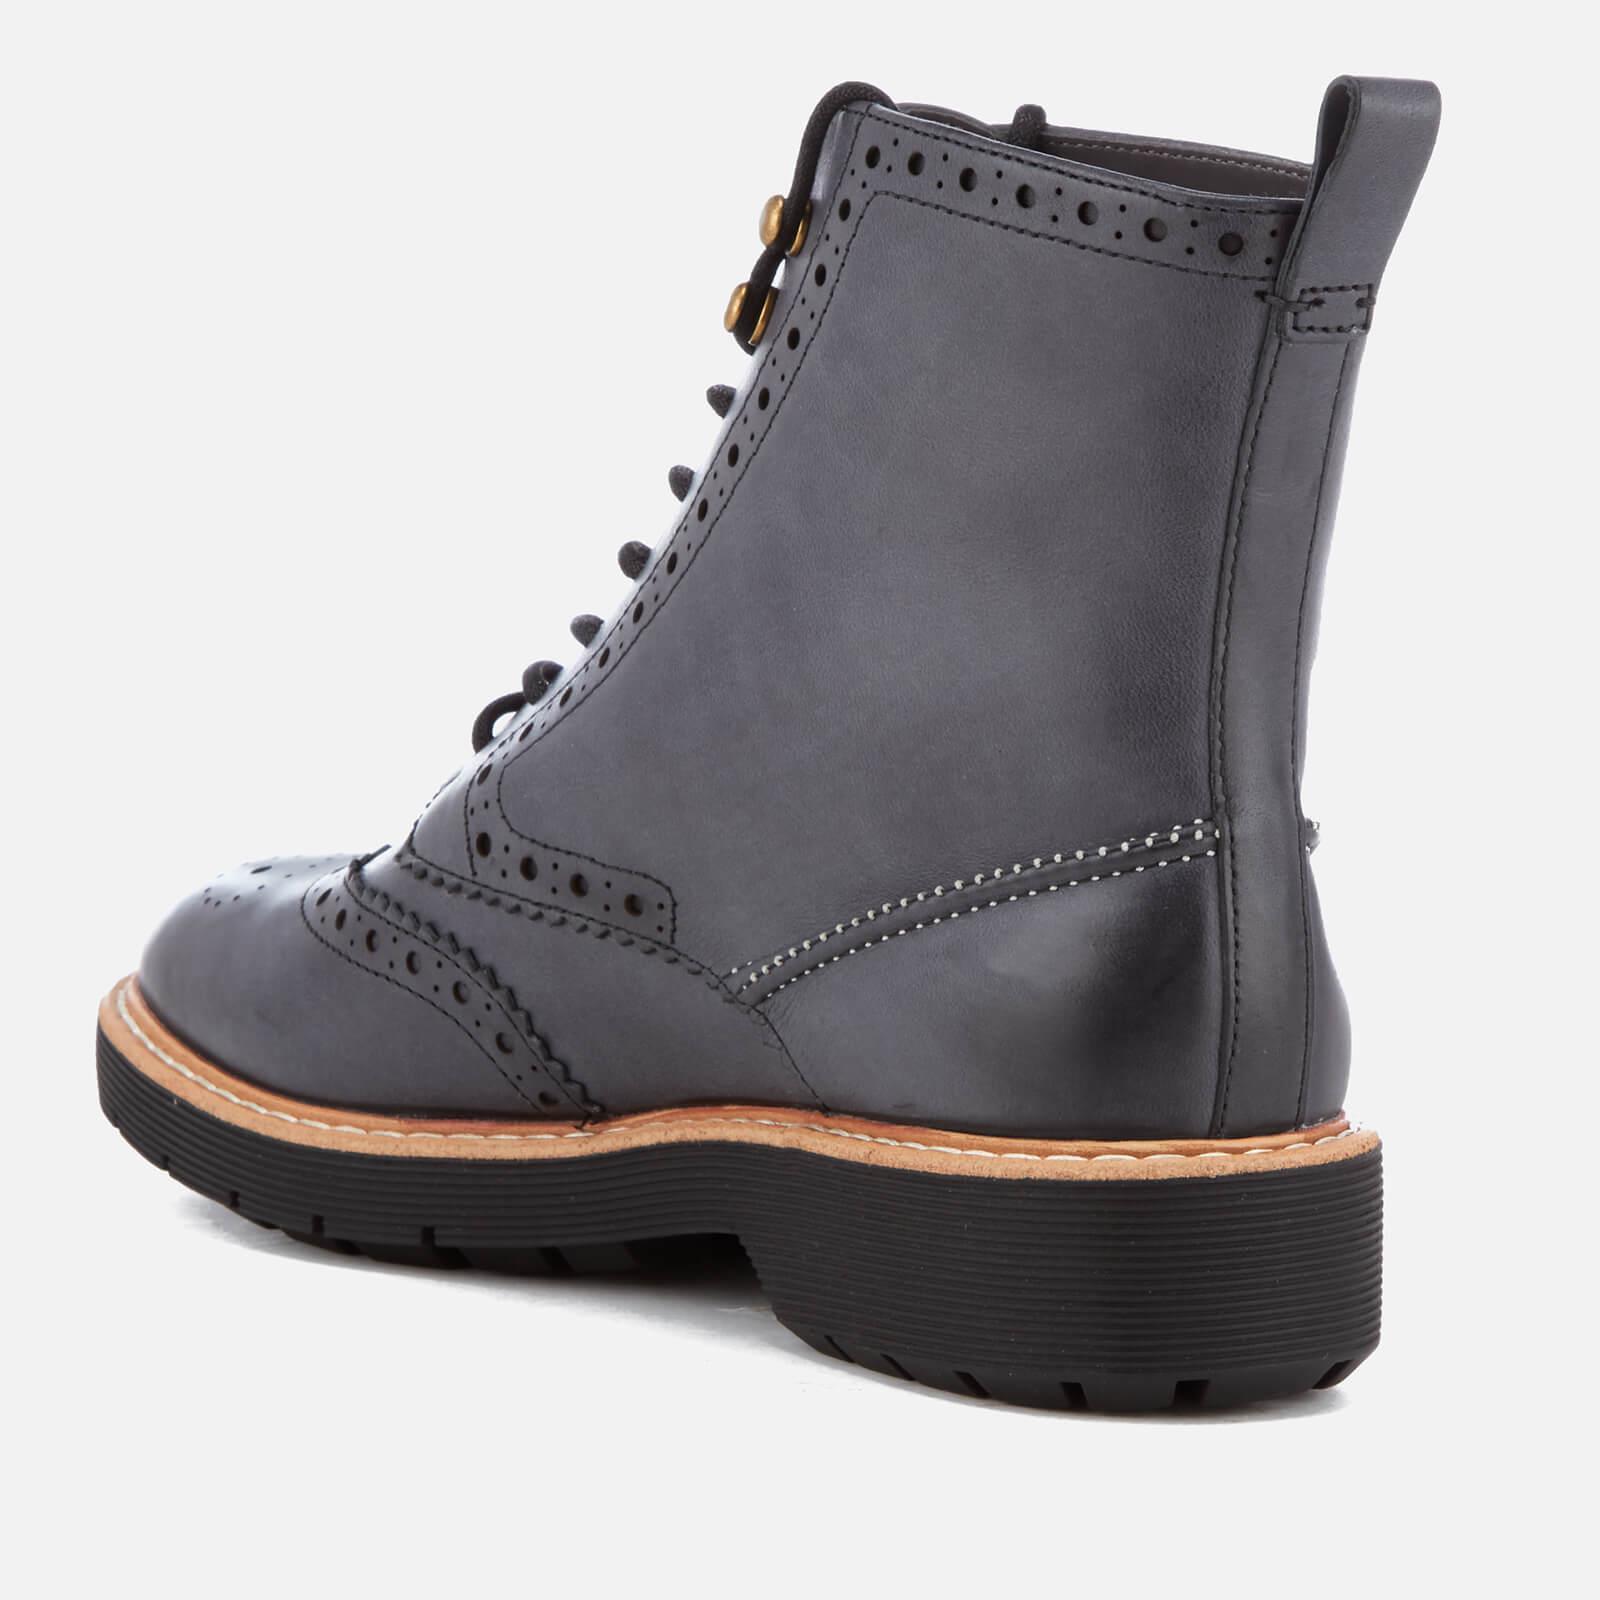 4d94380feb8 Brogue Boots Women - Usefulresults